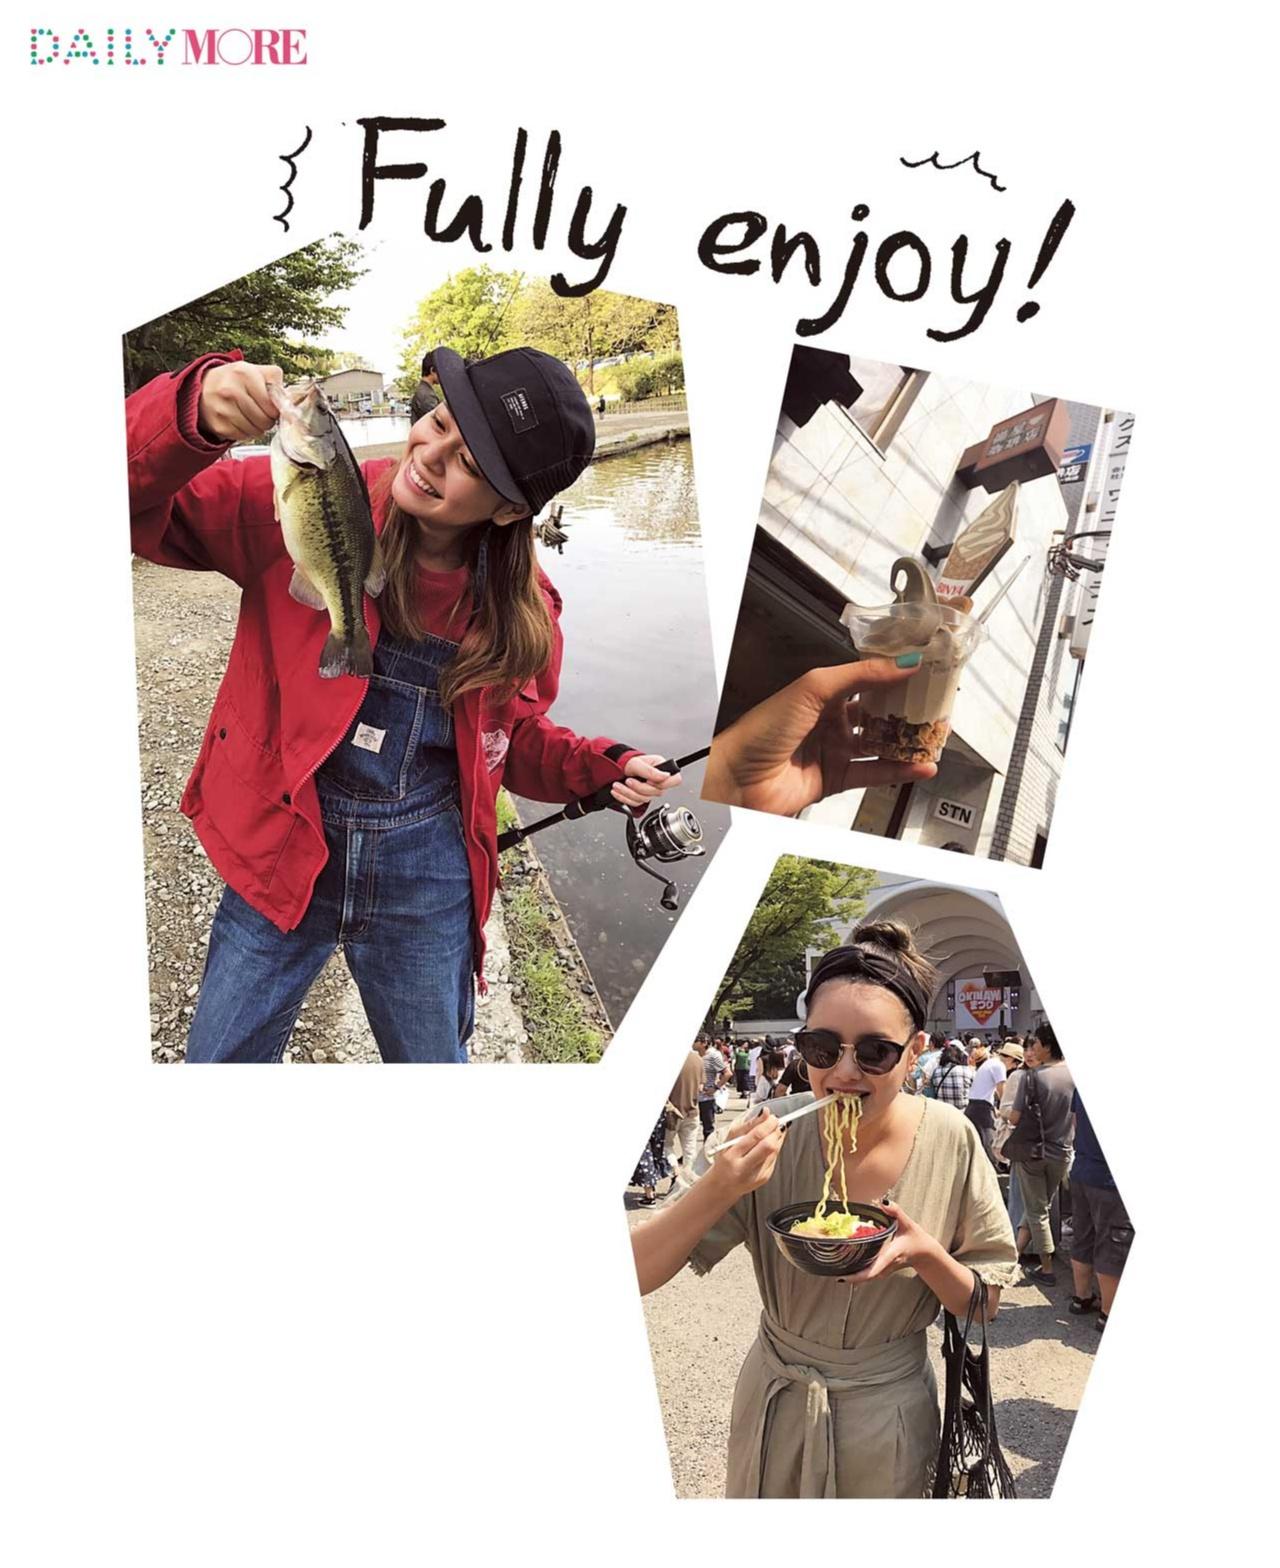 """【モアモデルの夏の過ごし方】沖縄出身のセシルは、この季節の申し子。まさに """"夏のプロ""""です♪_1"""